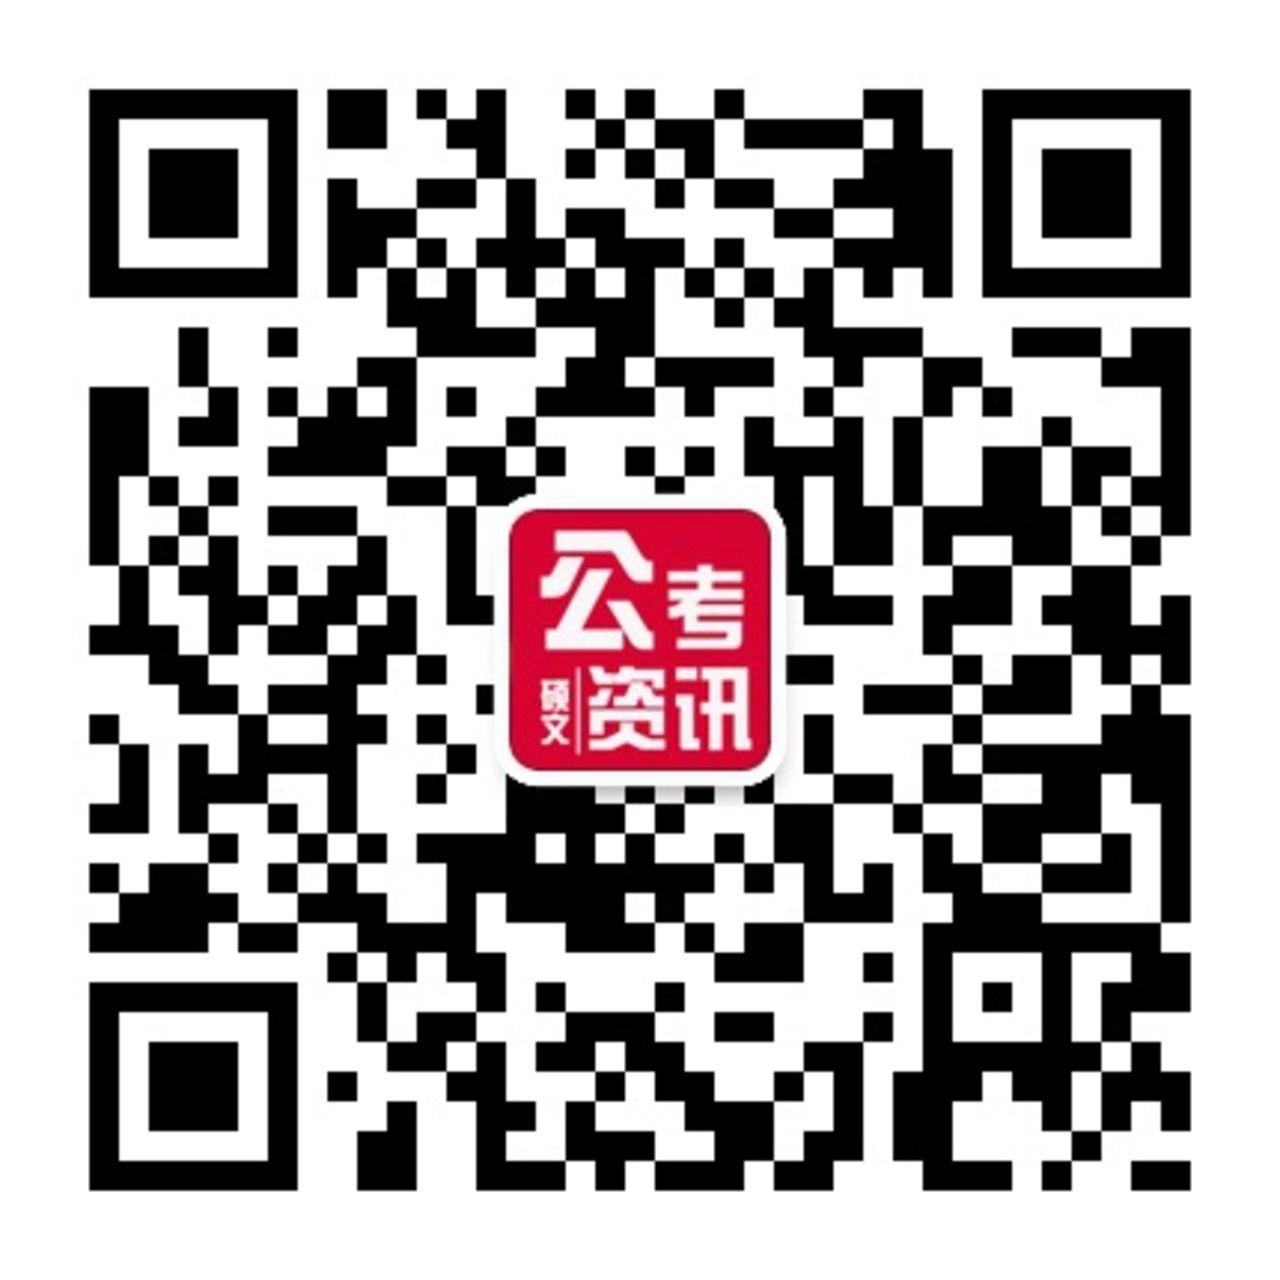 国家公务员考试网二维码